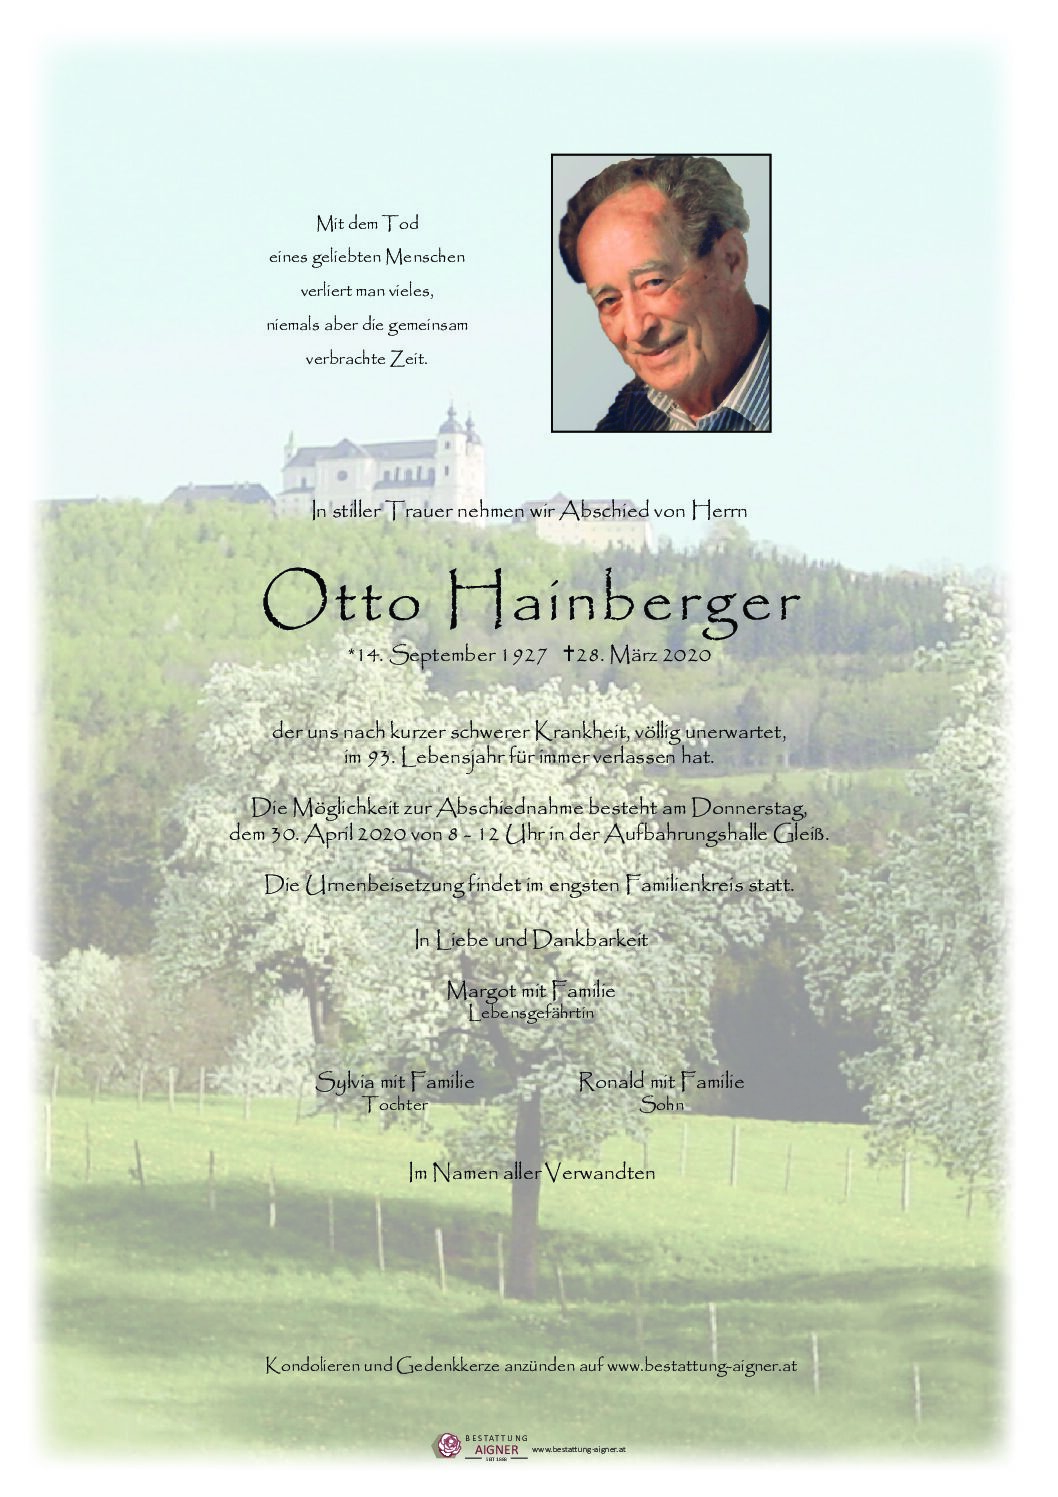 Otto Hainberger